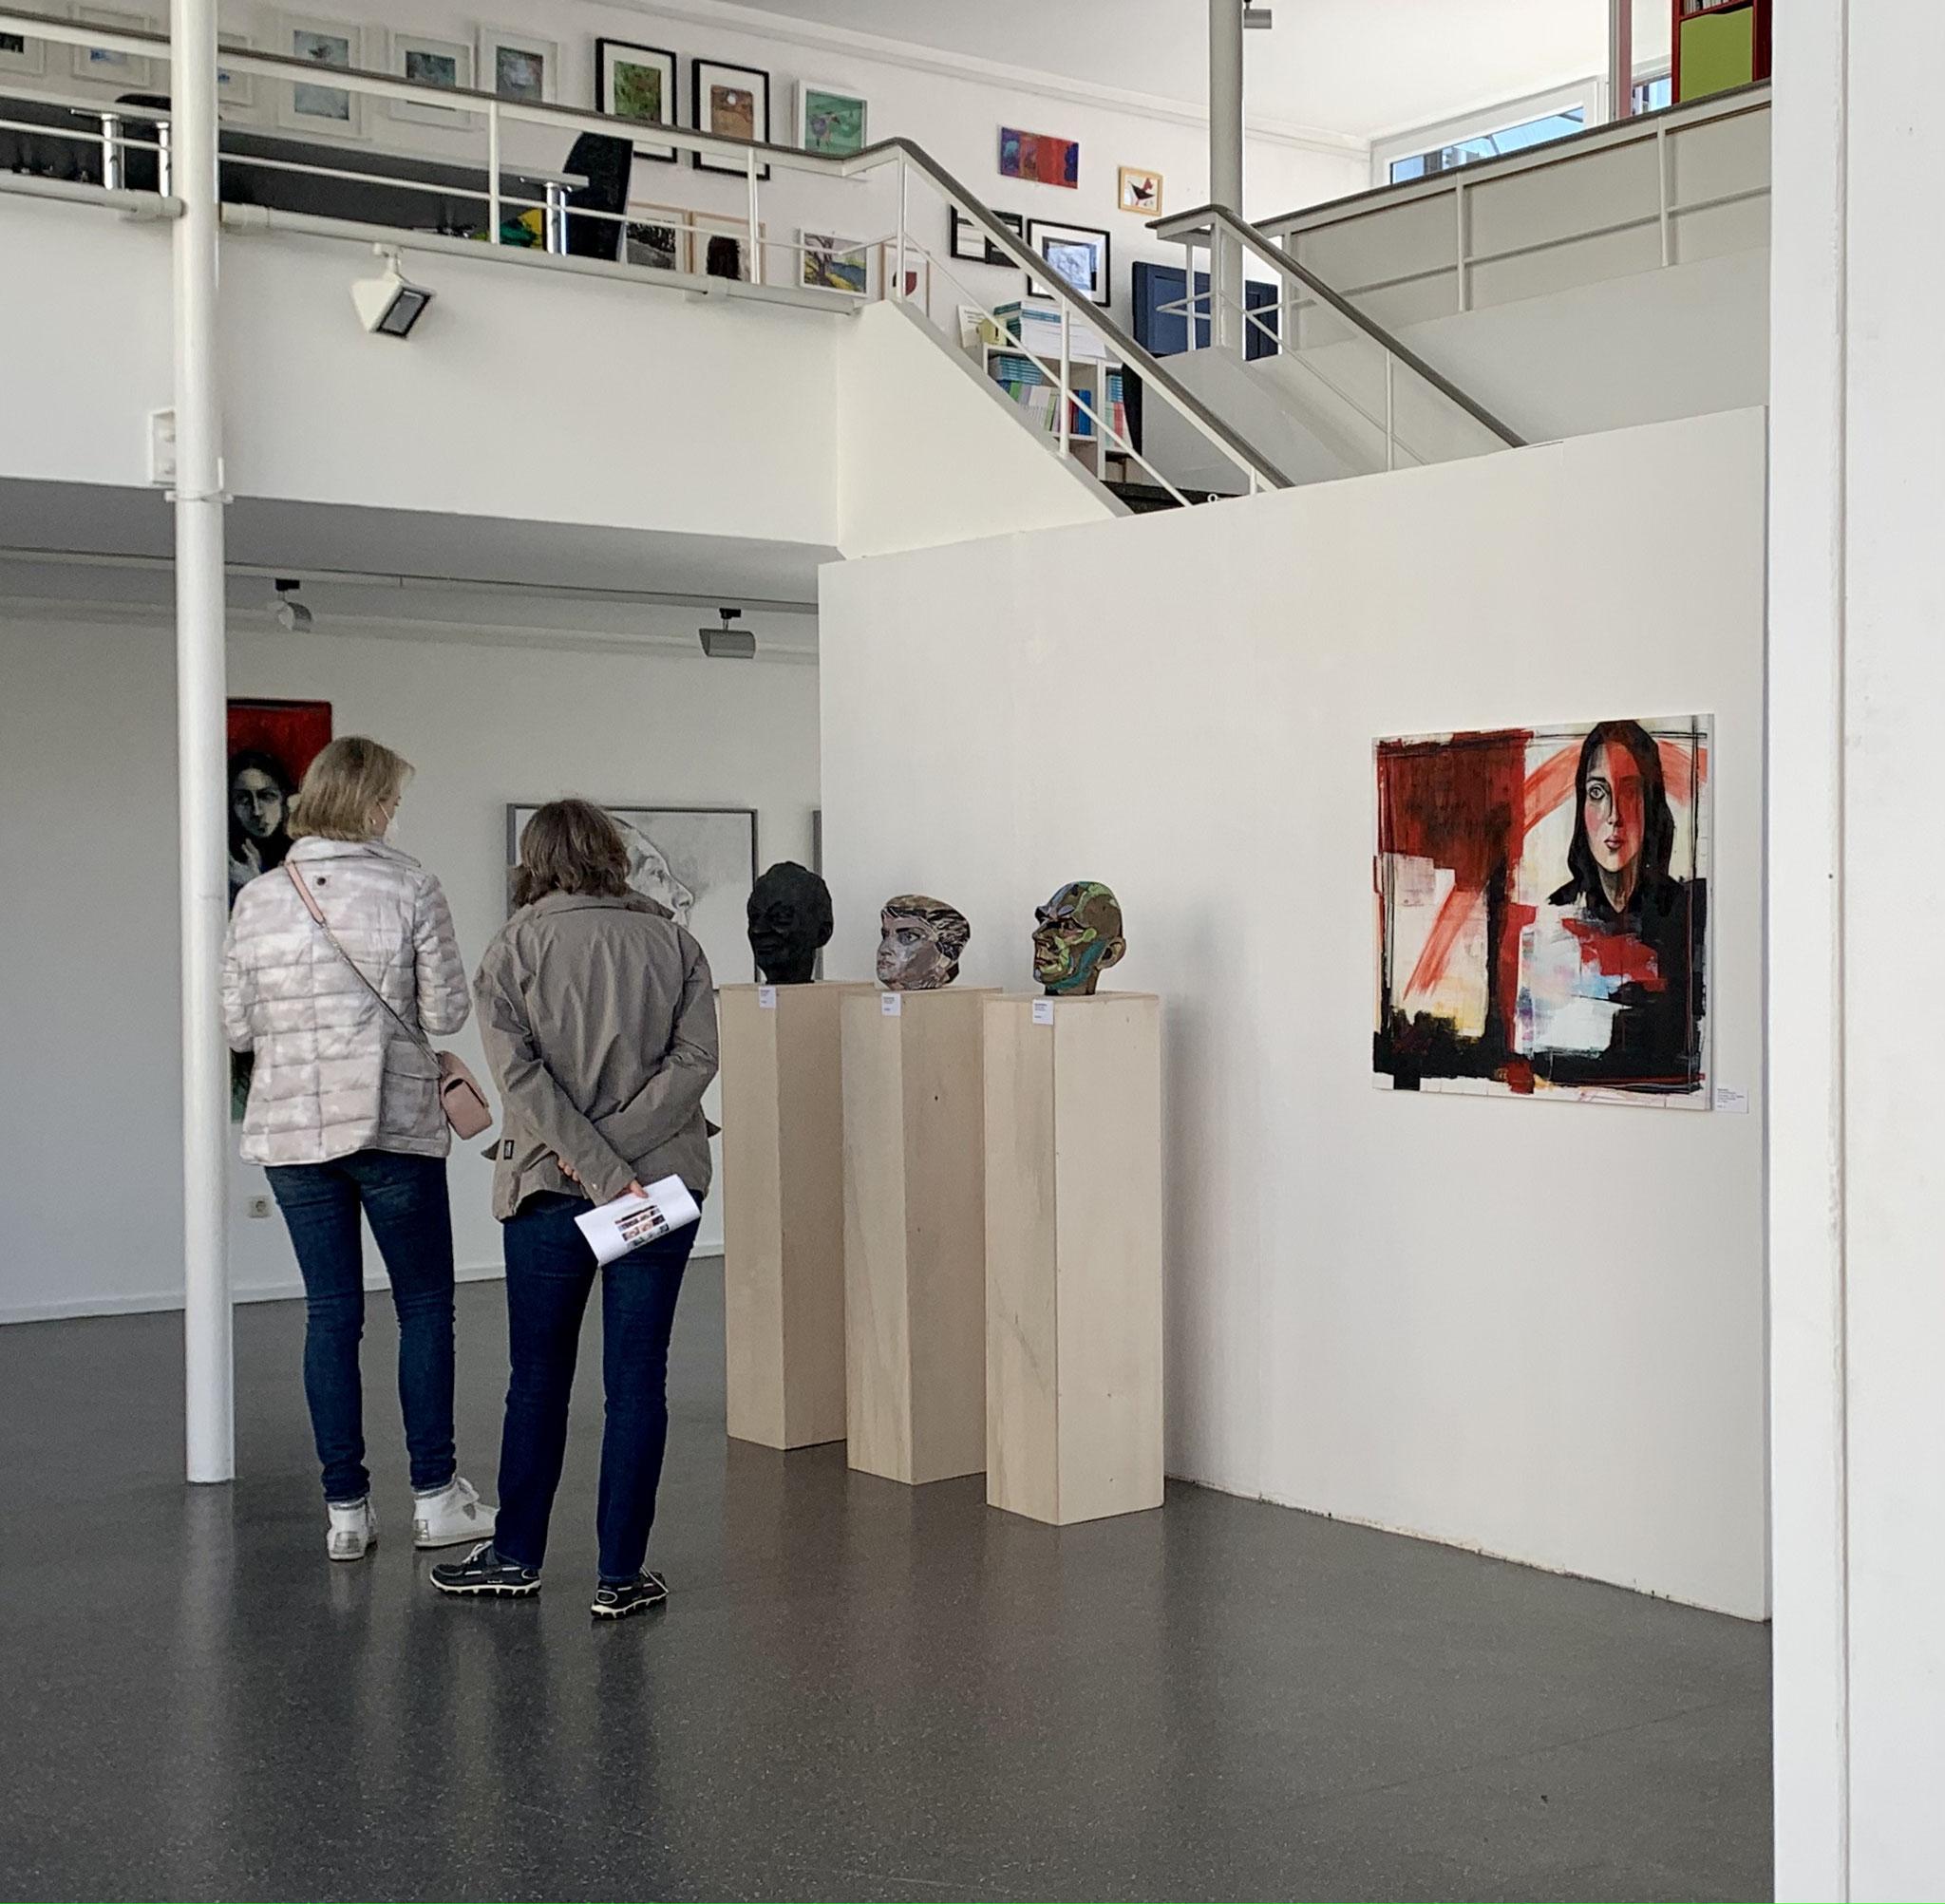 Ausstellung: 29.03. - 18.04.2021 Brunswiker Pavillon Kiel